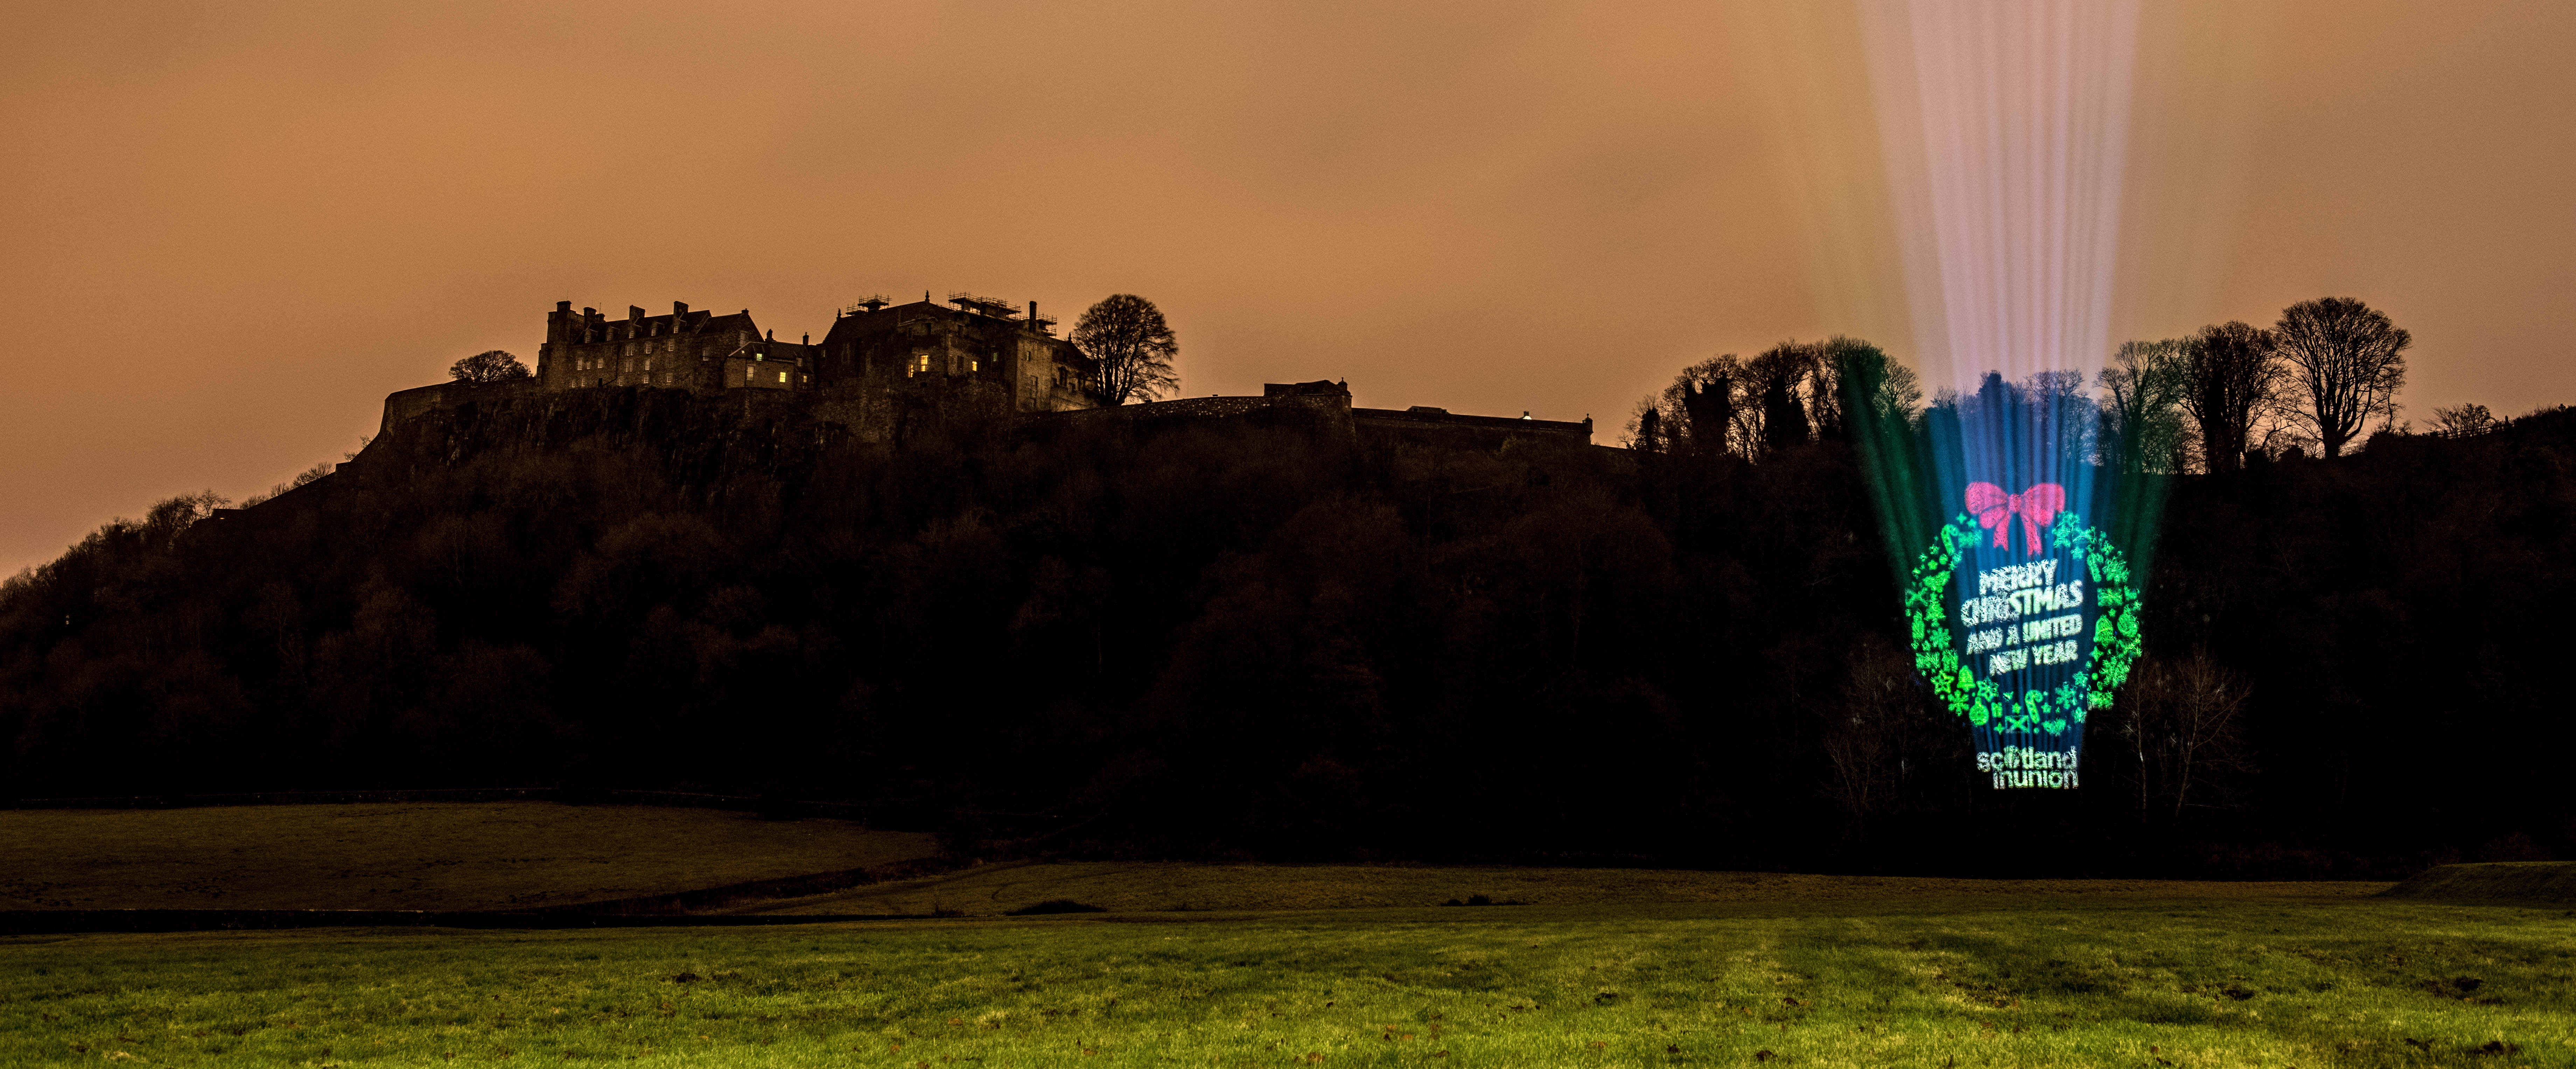 Projection-Stirling_Castle1.jpg